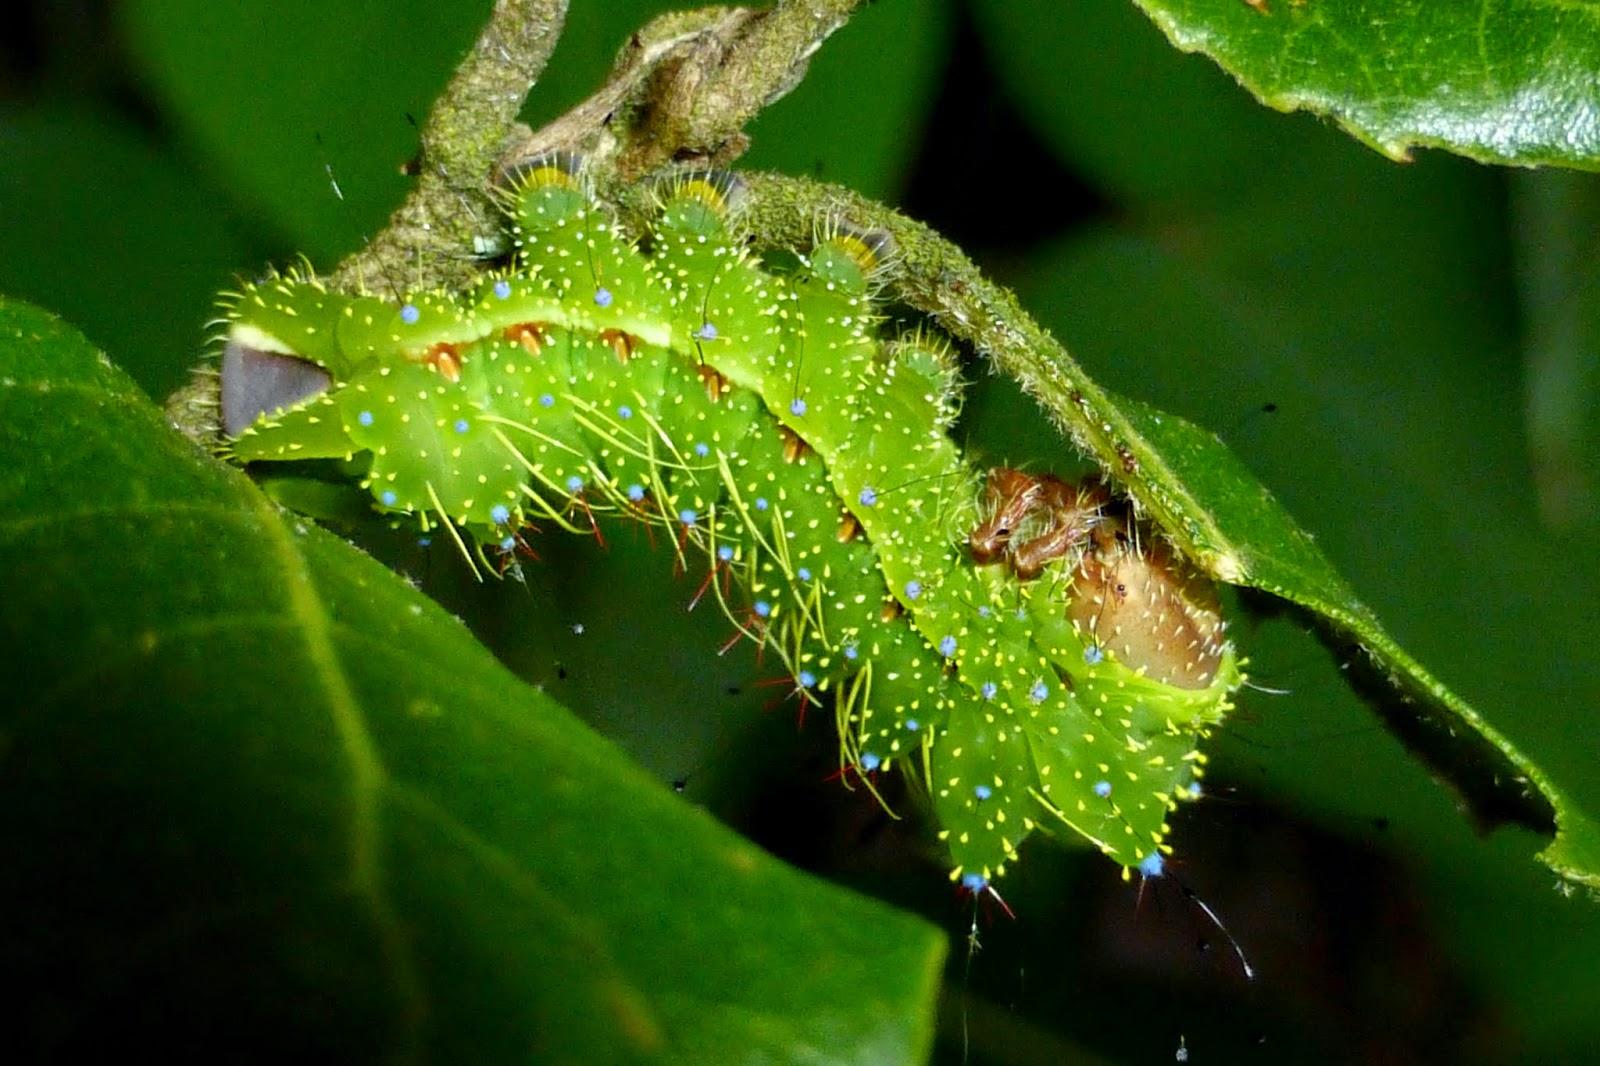 Copaxa lavenderohidalgensis caterpillar